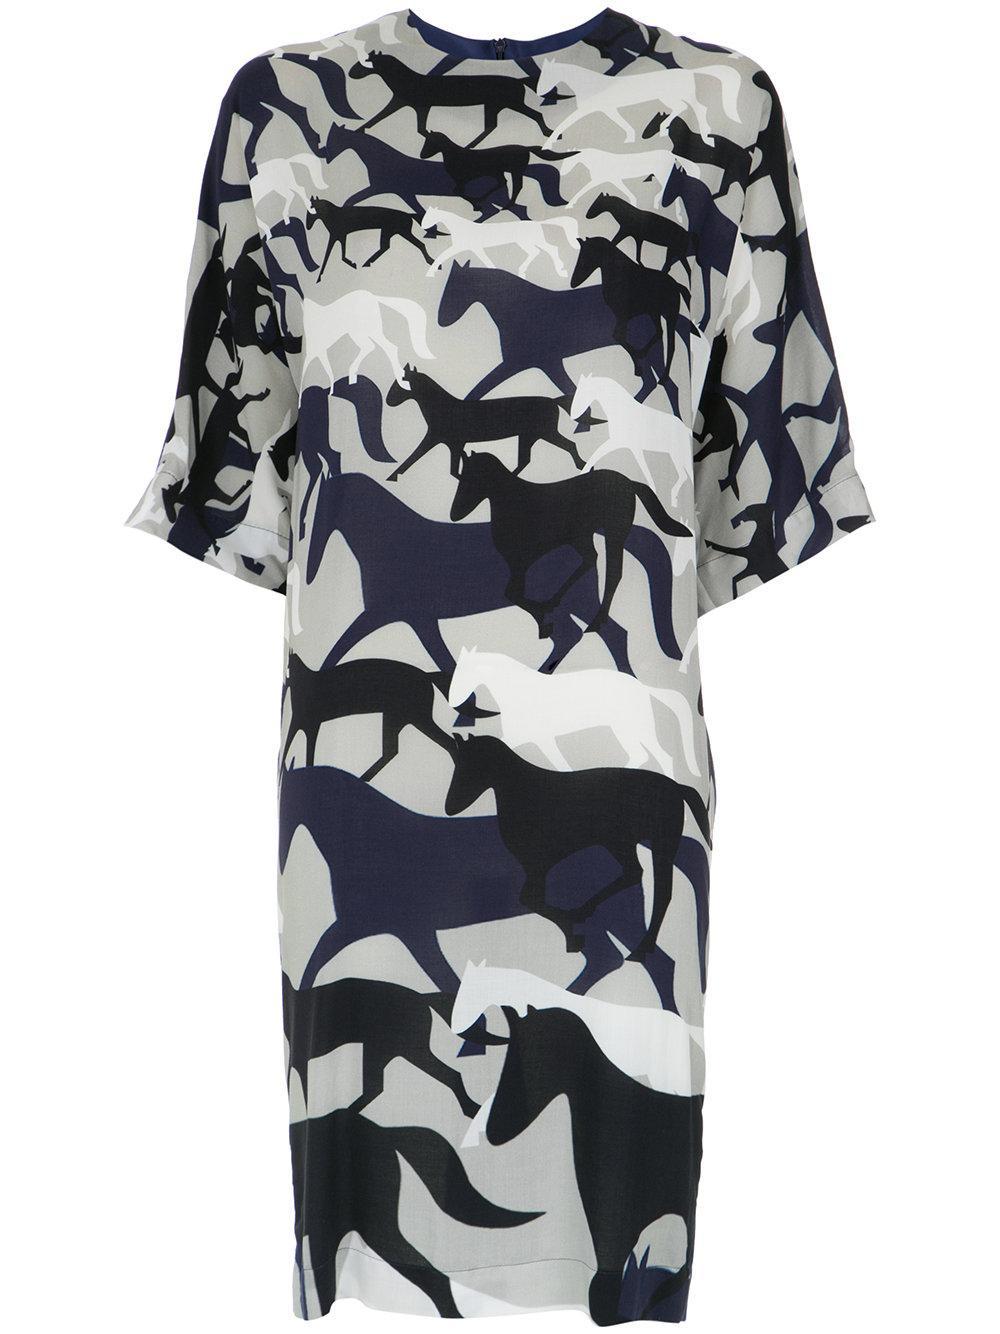 Gloria Coelho Printed Short Dress